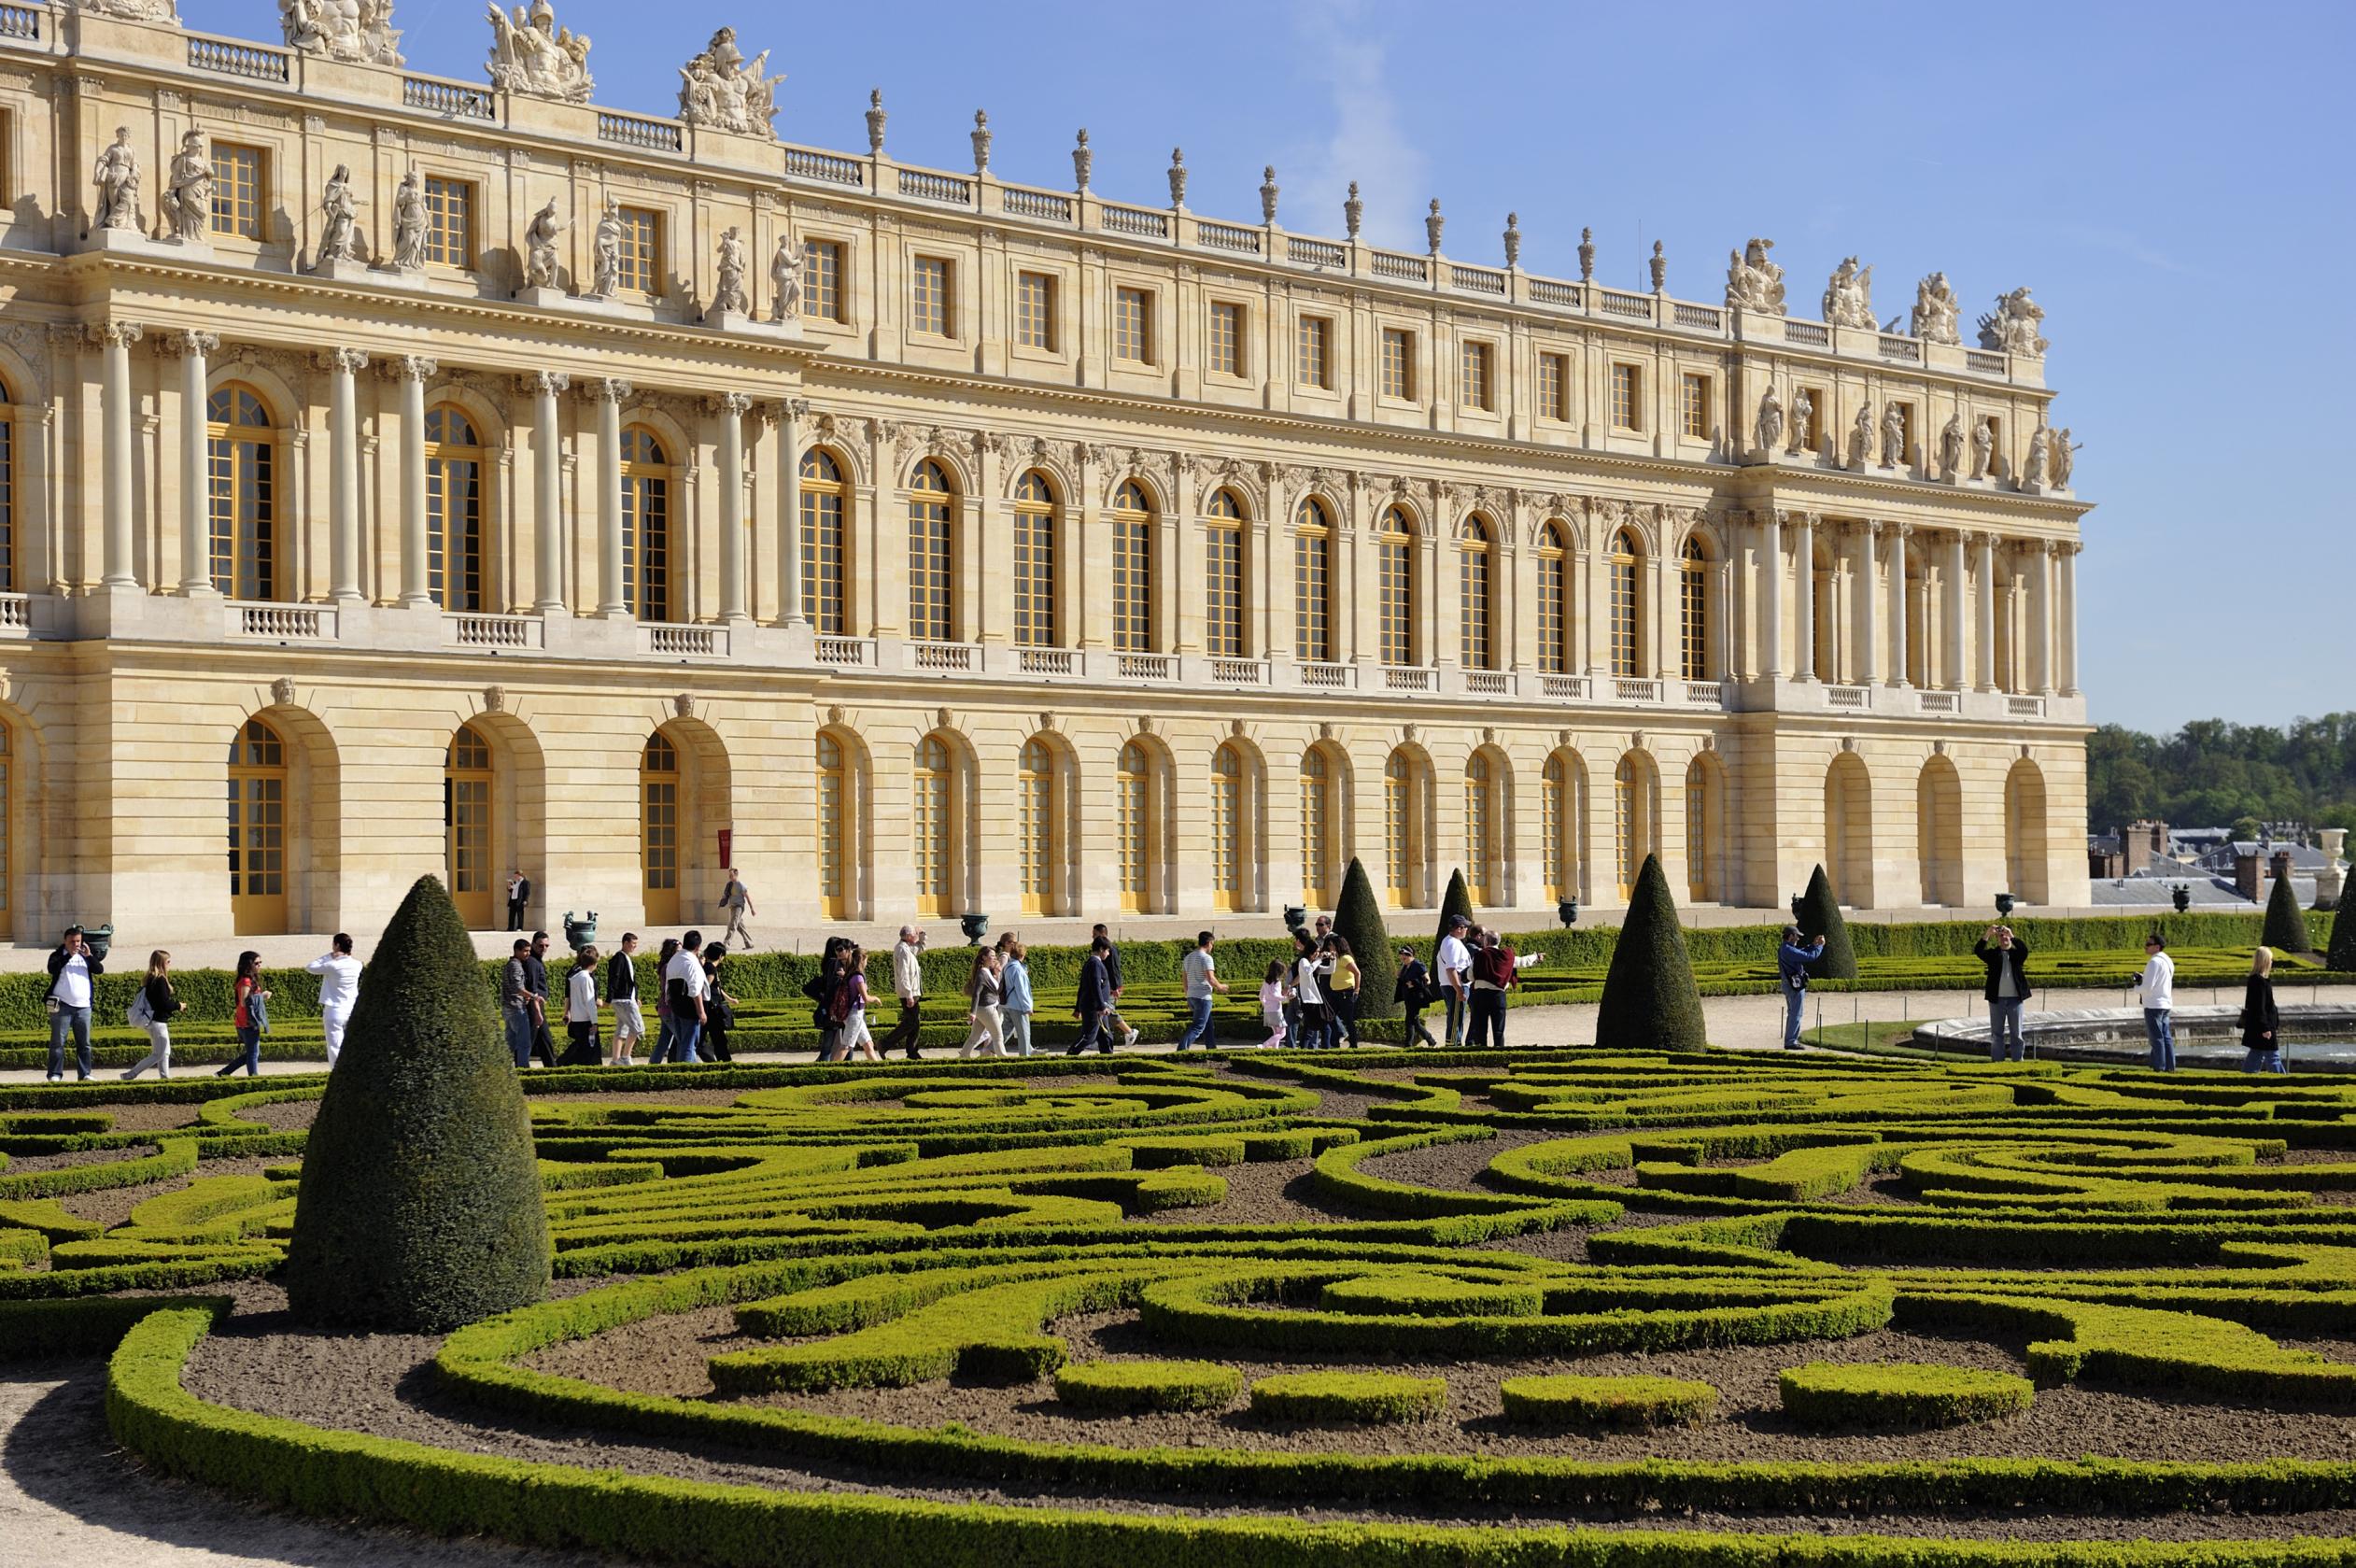 Château de Versailles | Versailles, France Attractions